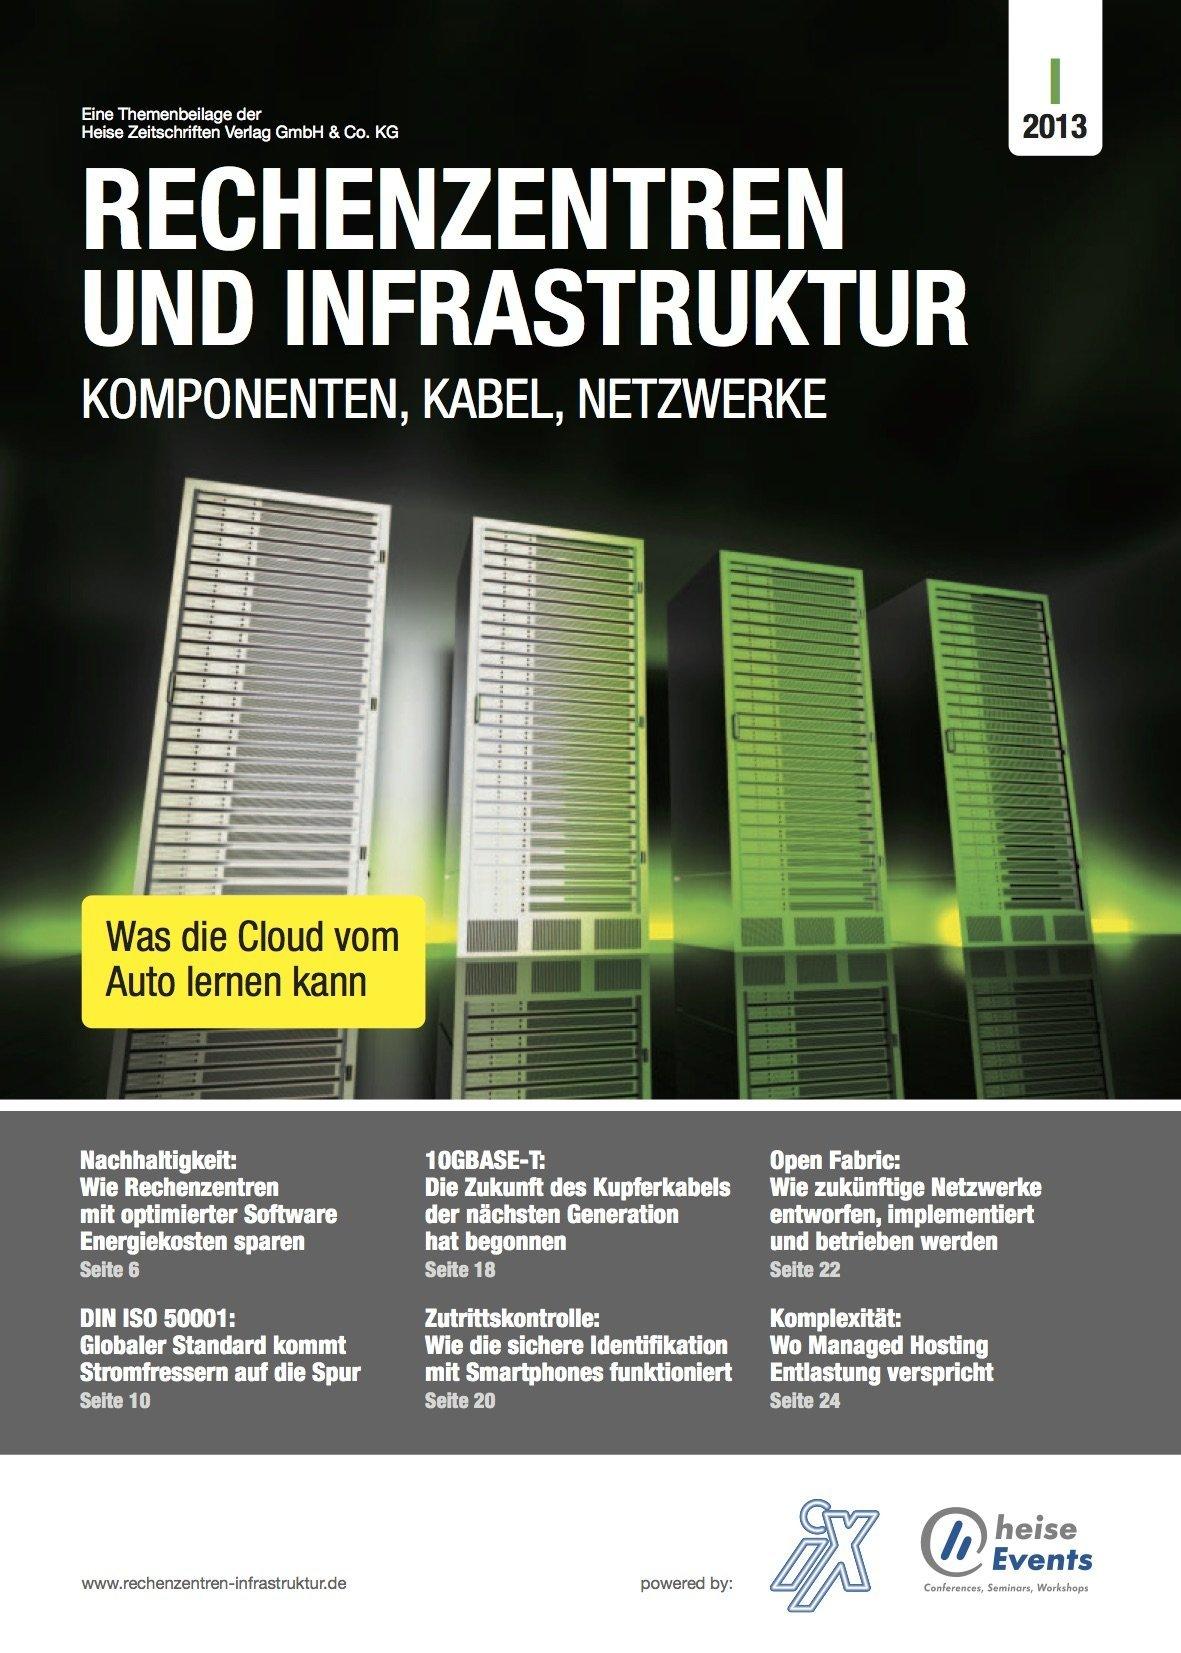 Rechenzentren und Infrastruktur 1/2013